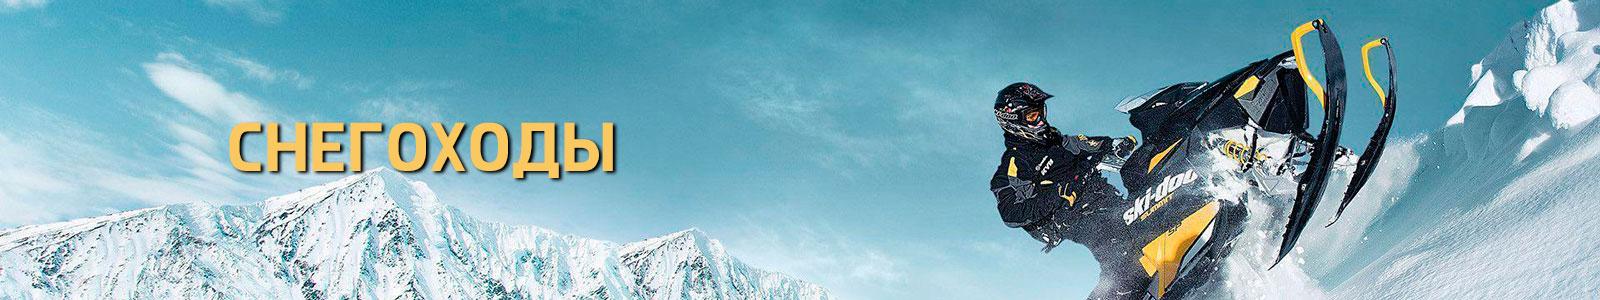 прокат снегоходов в москве и подмосковье